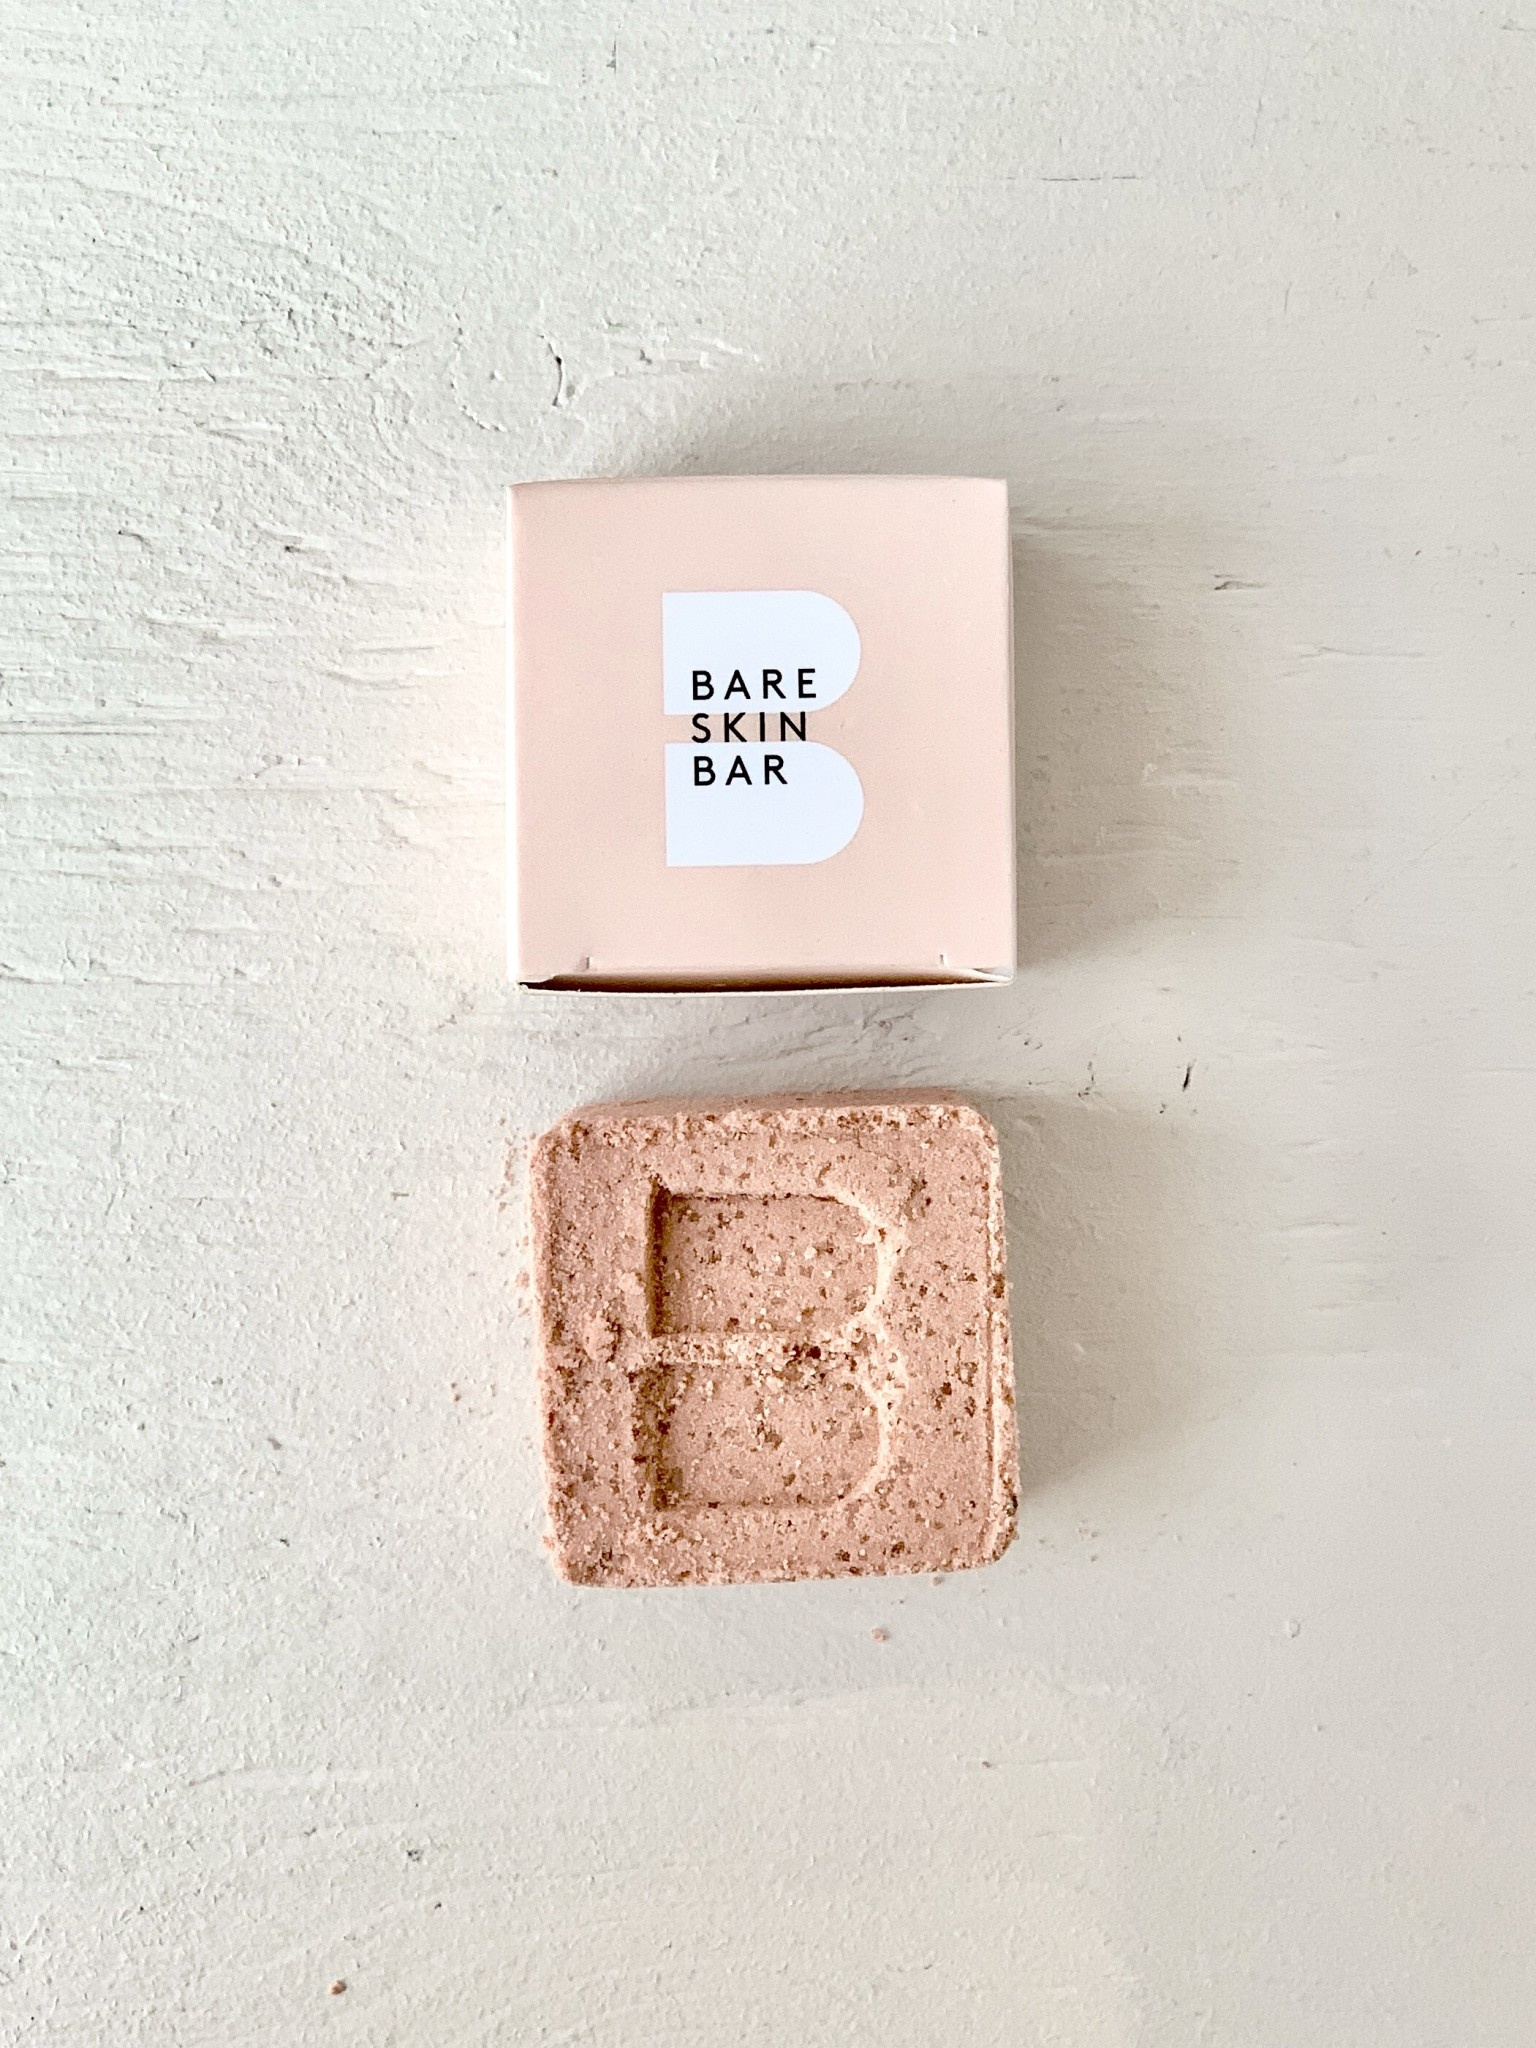 Bareskin Bar Bath Bar